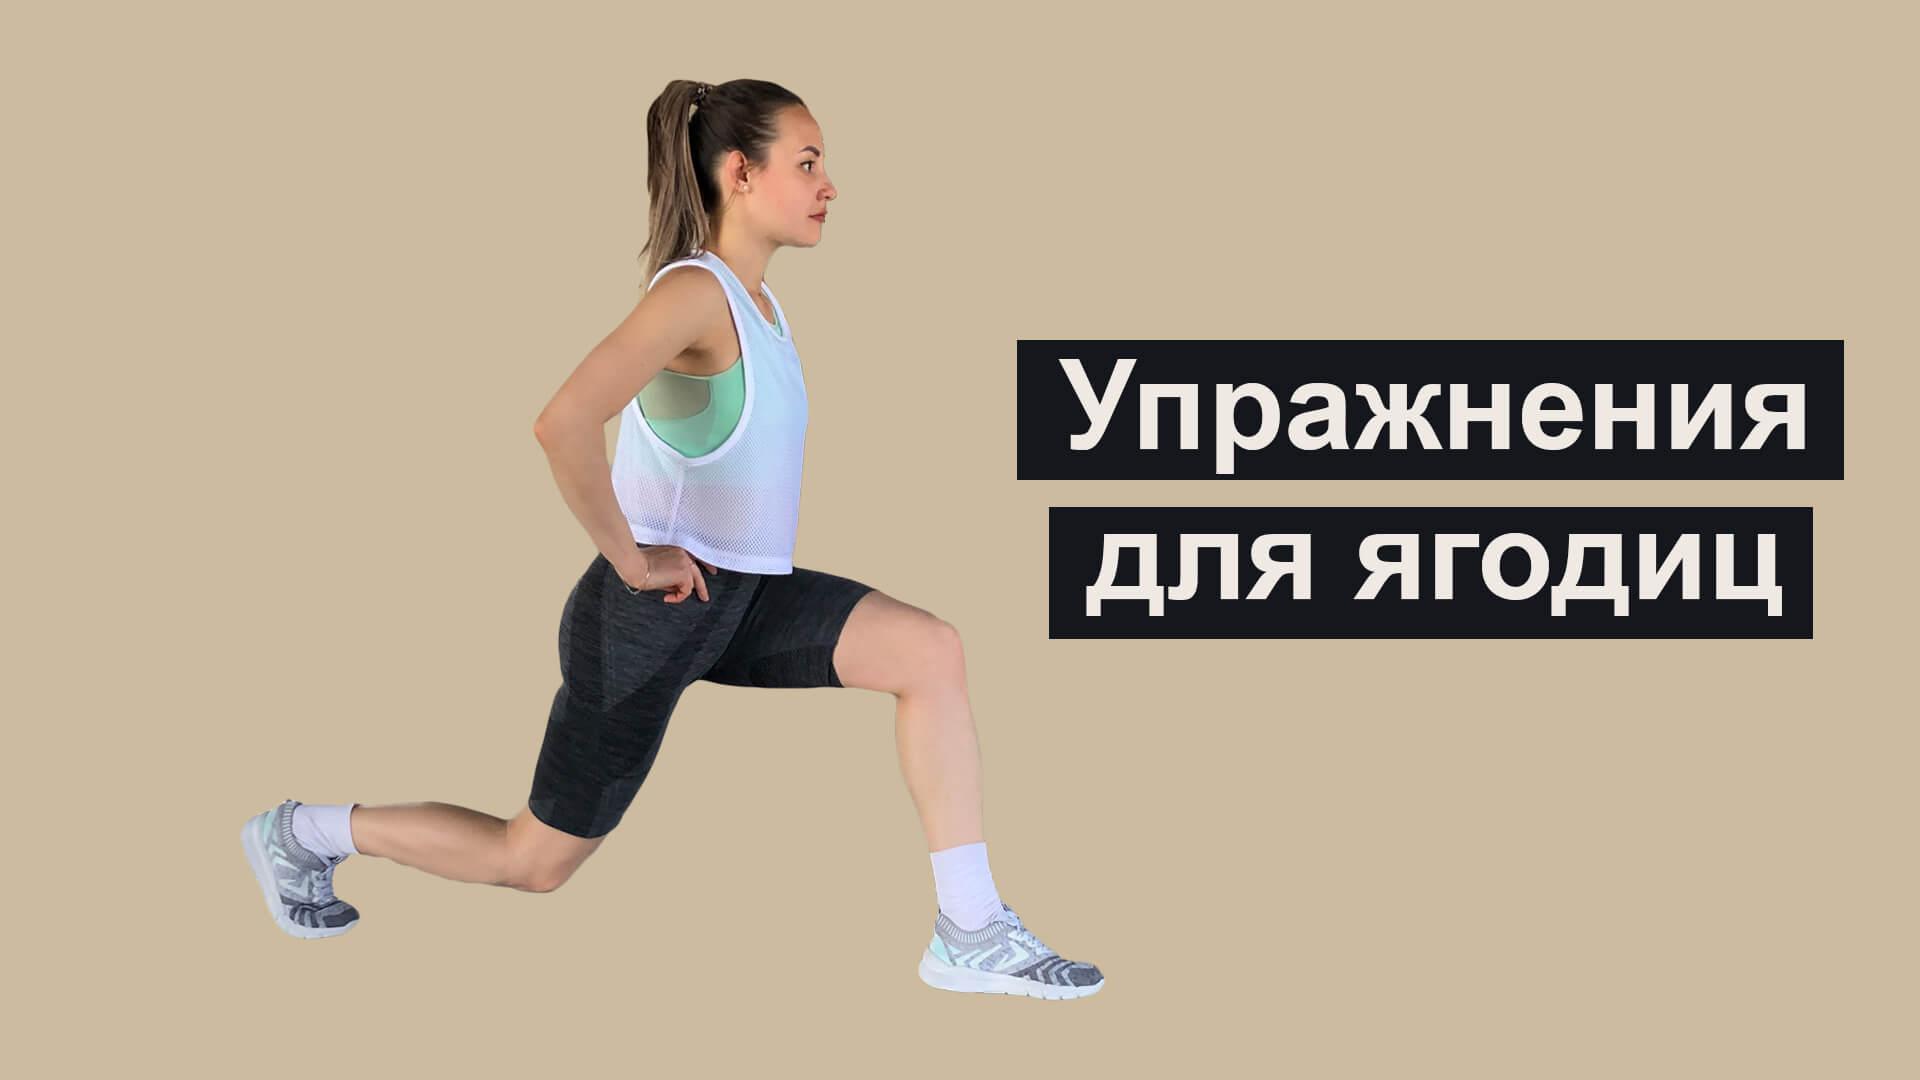 Упражнения для ягодиц: фото.